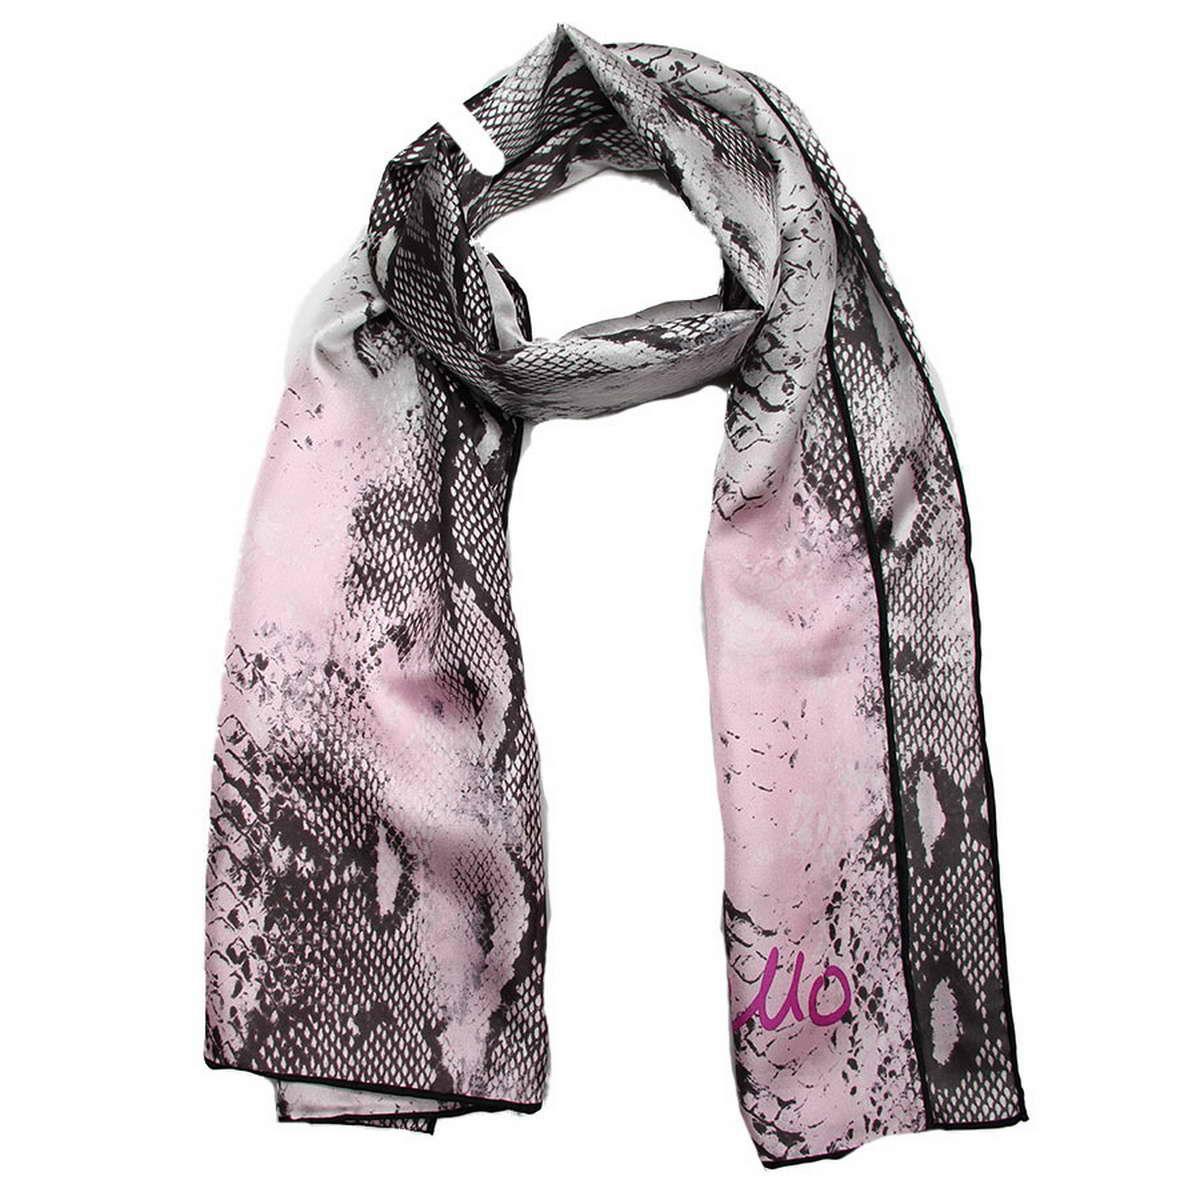 Шарф женский Codello, цвет: серый, черный, бледно-розовый. 4900471-2. Размер 45 см х 160 см4900471-2Стильный шарф Codello согреет вас в прохладную погоду и станет достойным завершением вашего образа. Шарф изготовлен из натурального шелка и оформлен оригинальным анималистическим принтом. Такой шарф красиво драпируется, а так же превосходно дополнит любой ваш наряд и подчеркнет изысканный вкус.